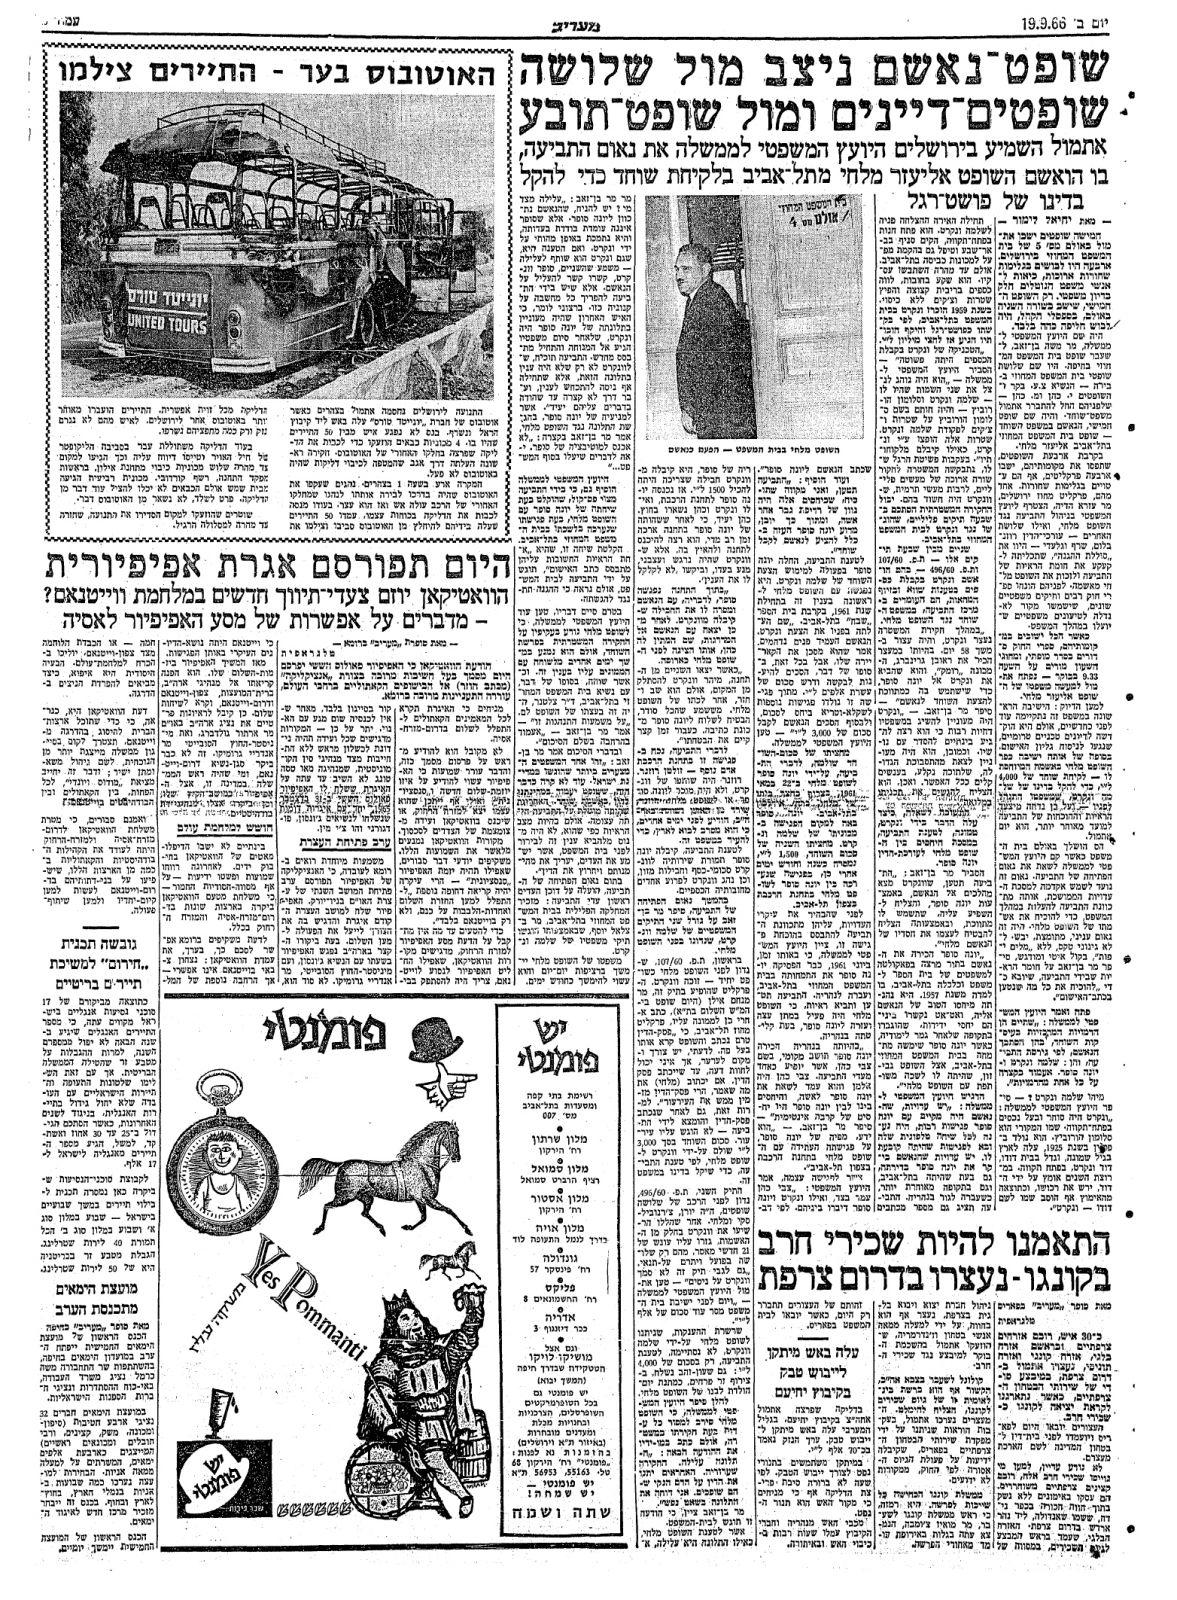 """""""שופט-נאשם ניצב מול שלושה שופטים-דיינים ומול שופט-תובע"""", """"מעריב"""", 19.9.1966"""